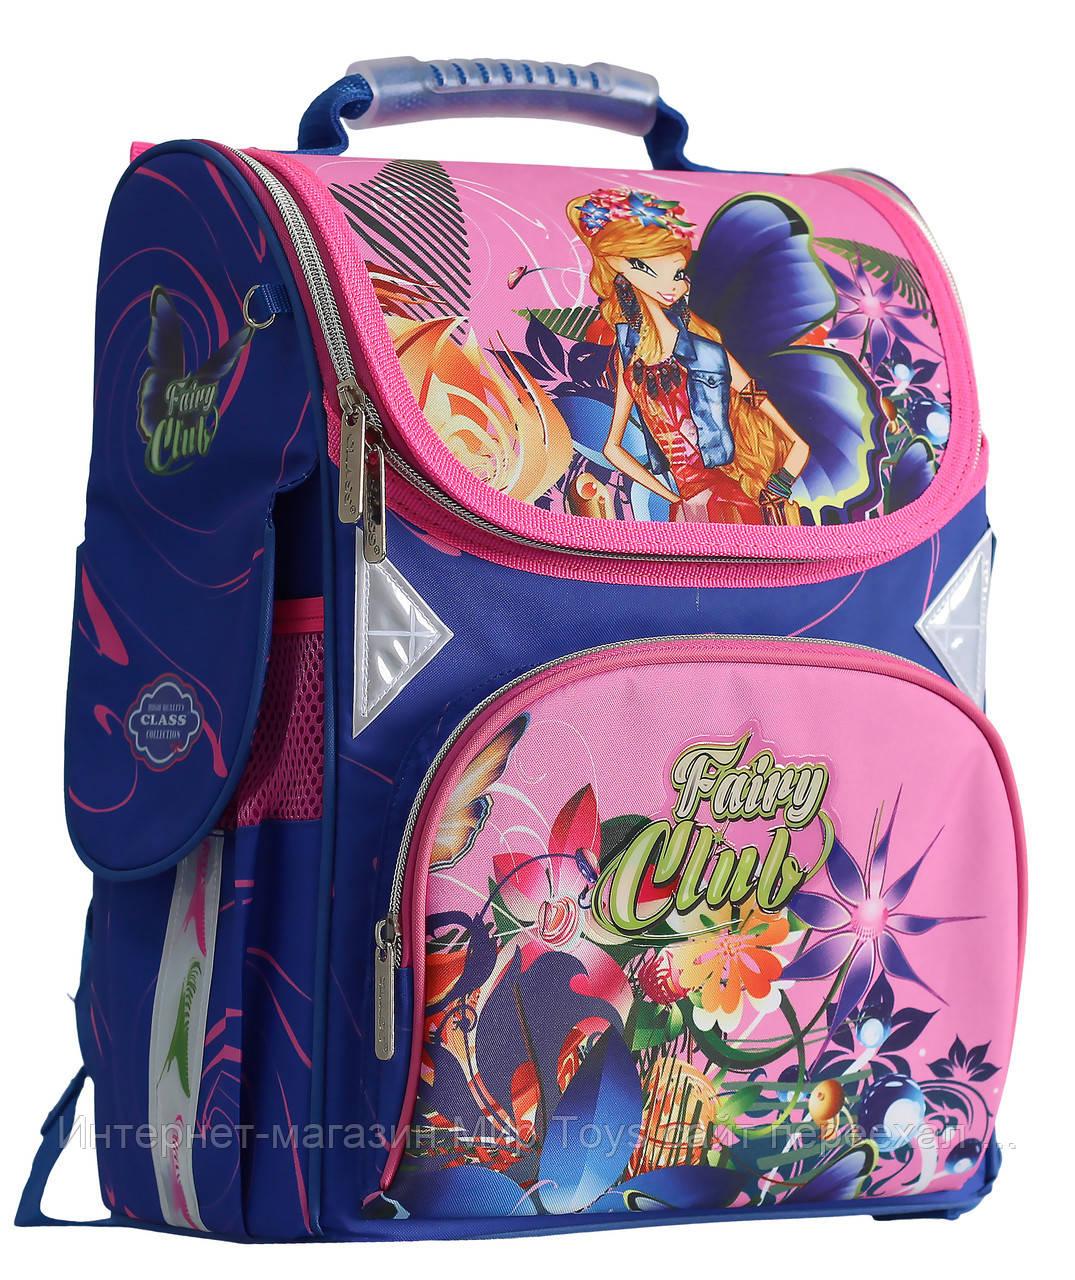 cbd513675430 Ранец рюкзак школьный каркасный для девочки Fairy Flower CLASS арт. 9806 -  Интернет-магазин